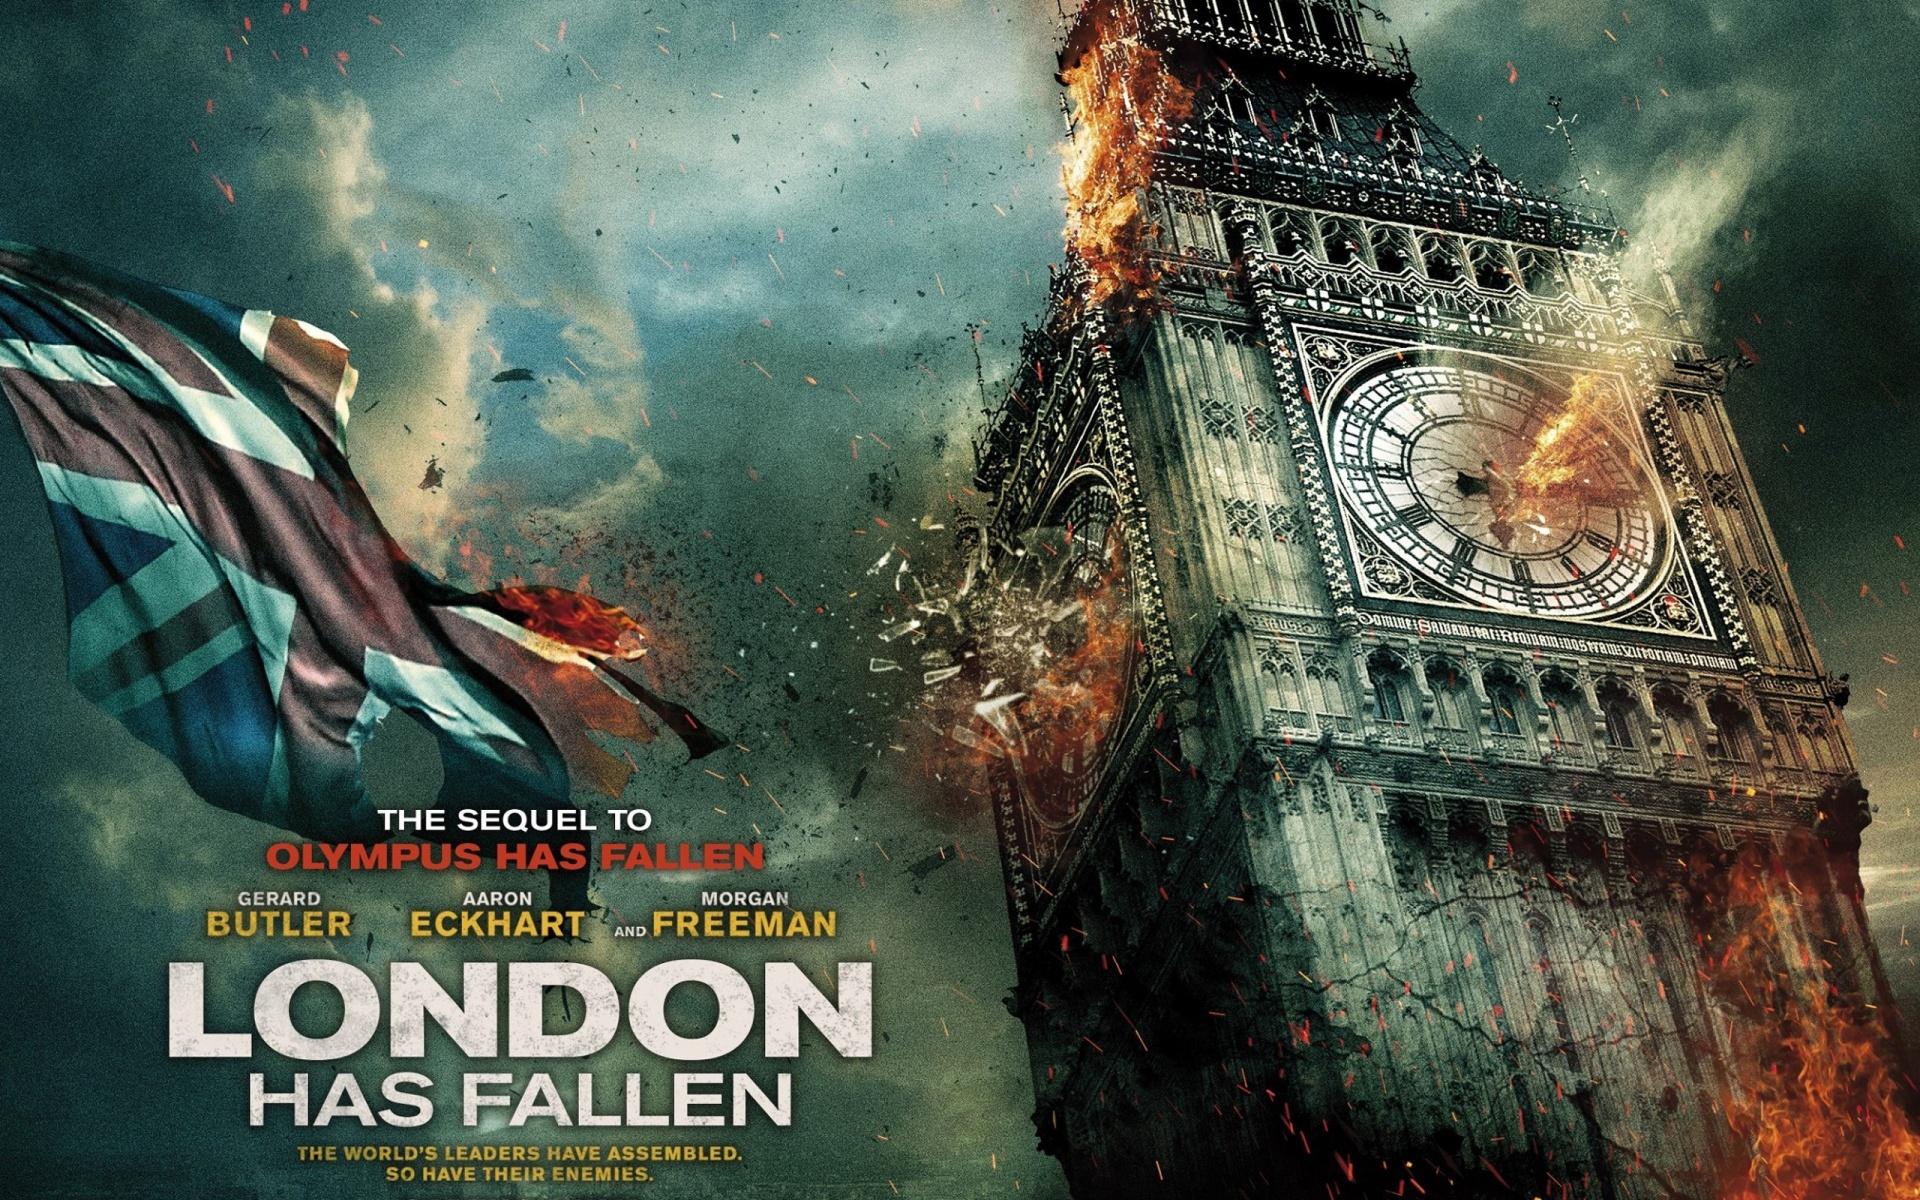 London Has Fallen 2015 Movie Wallpapers HD Wallpapers 1920x1200